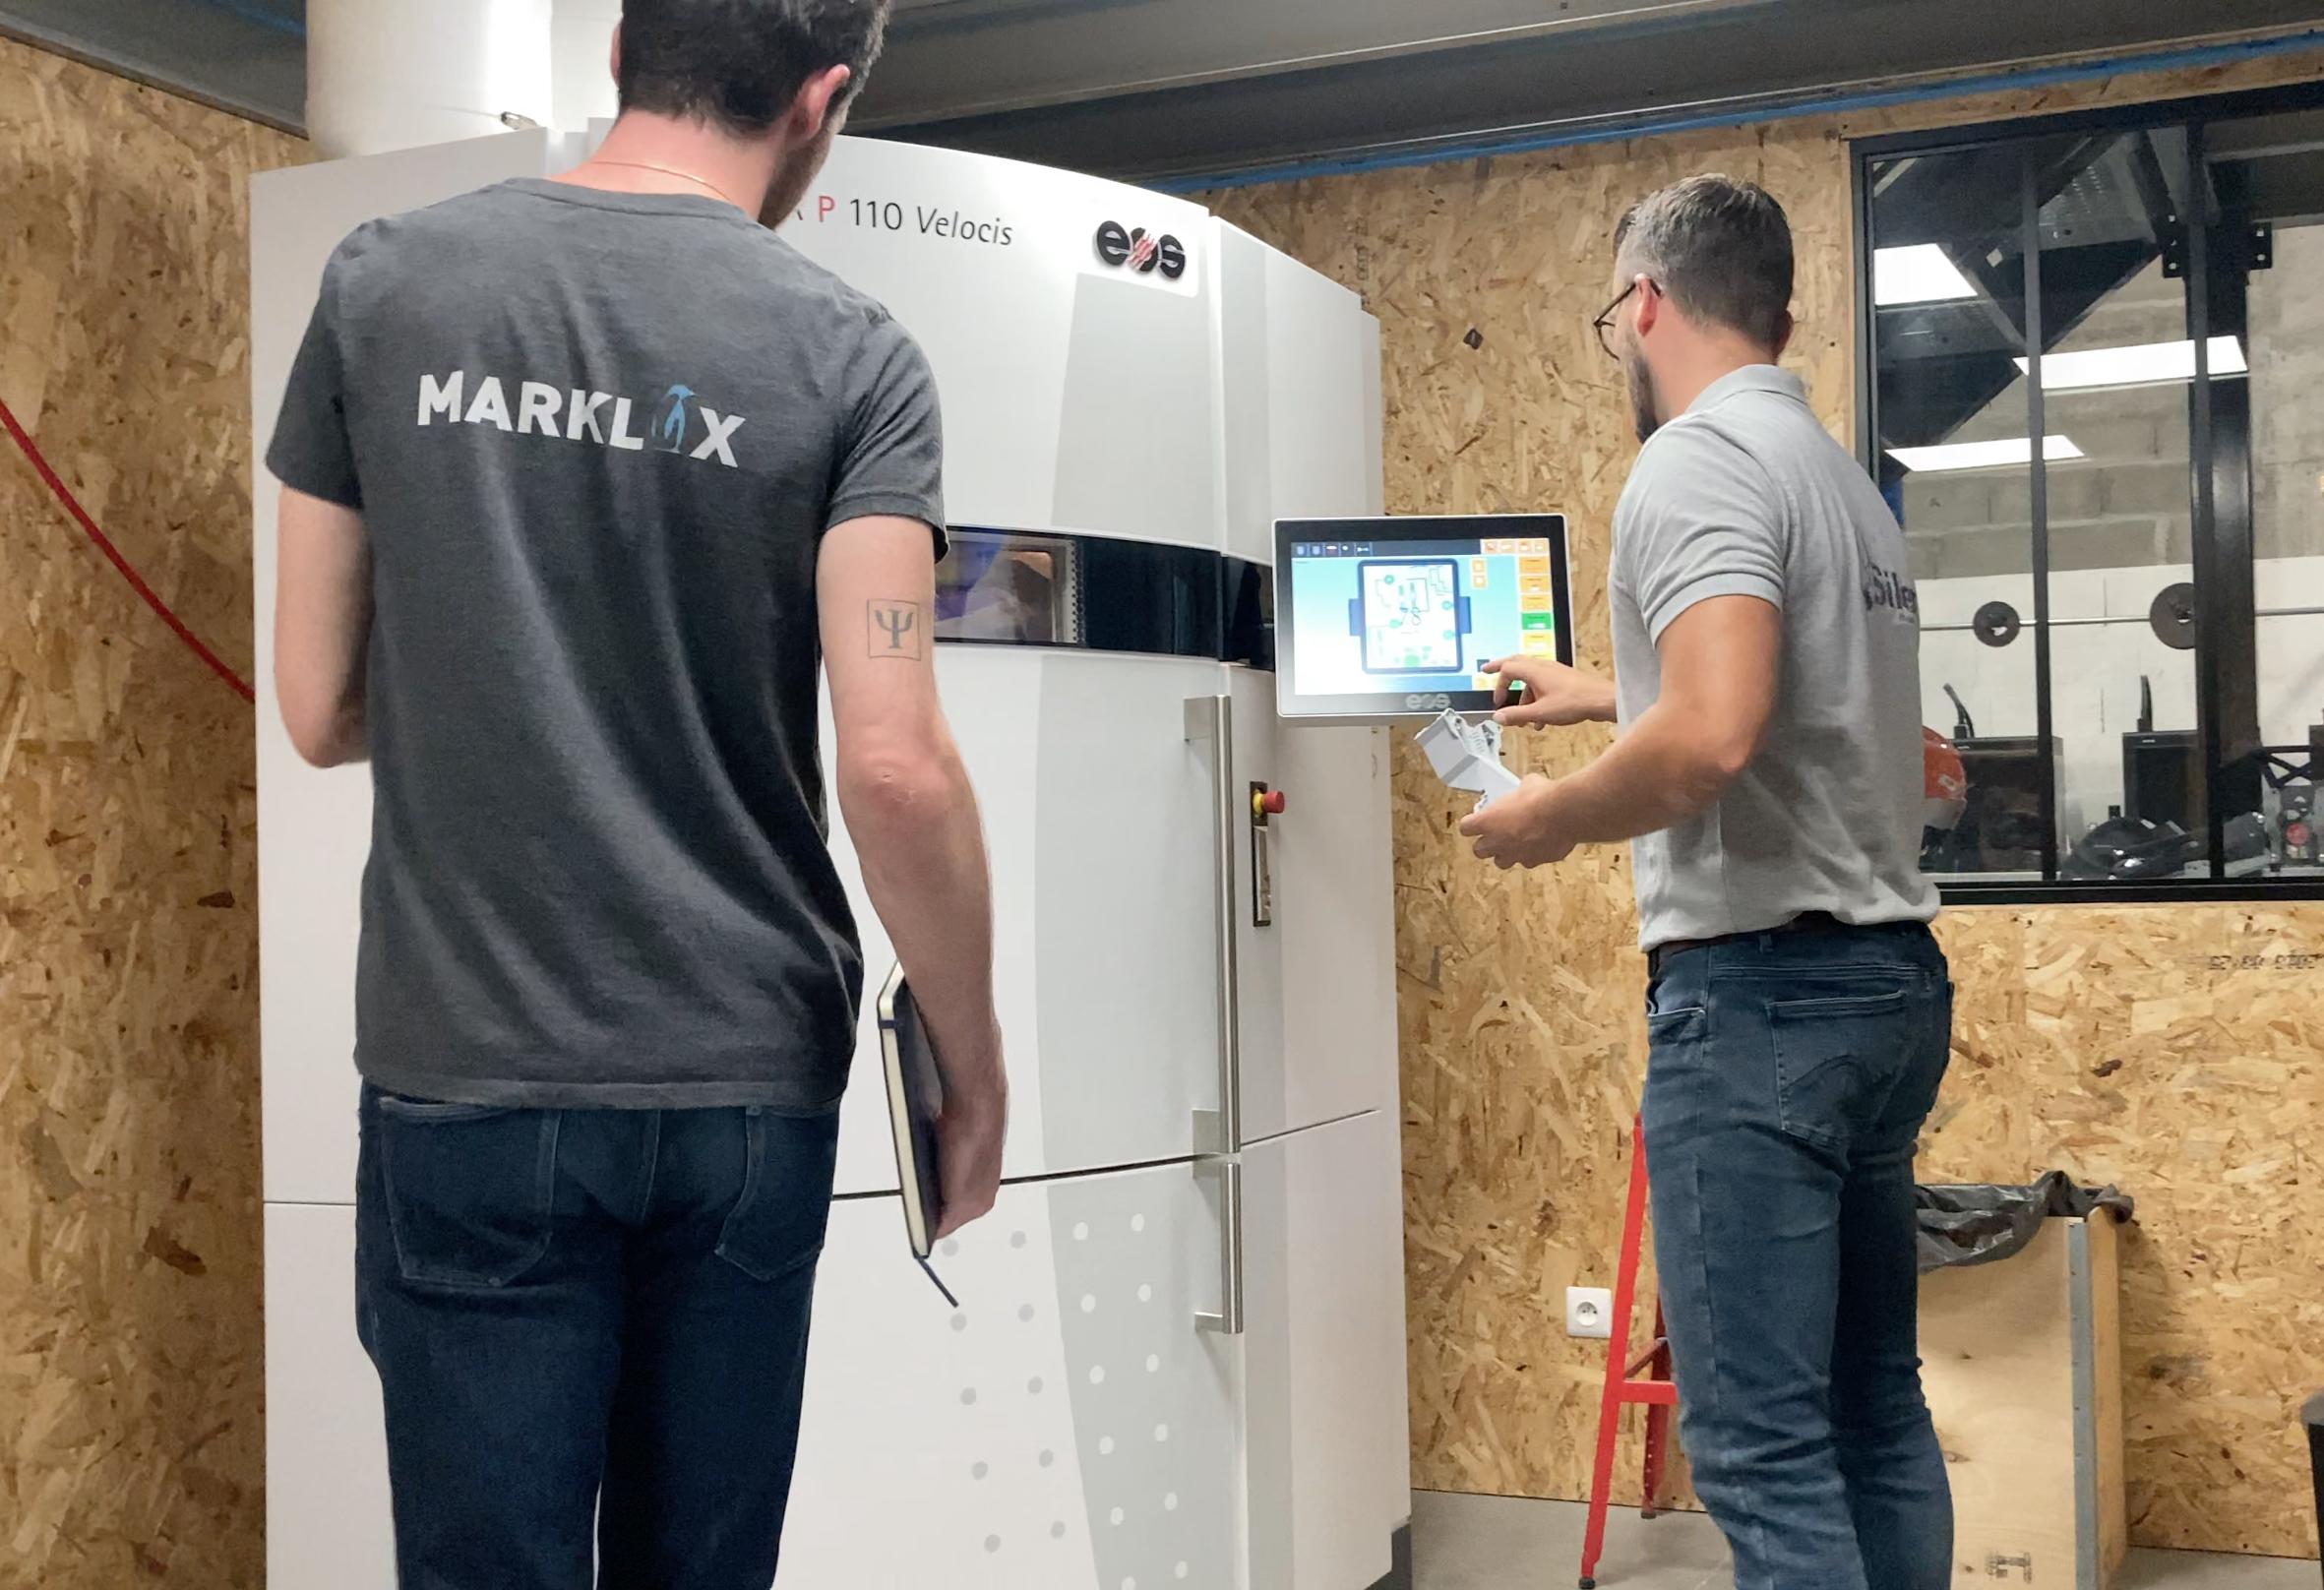 Marklix facilite l'impression 3D des pièces détachées